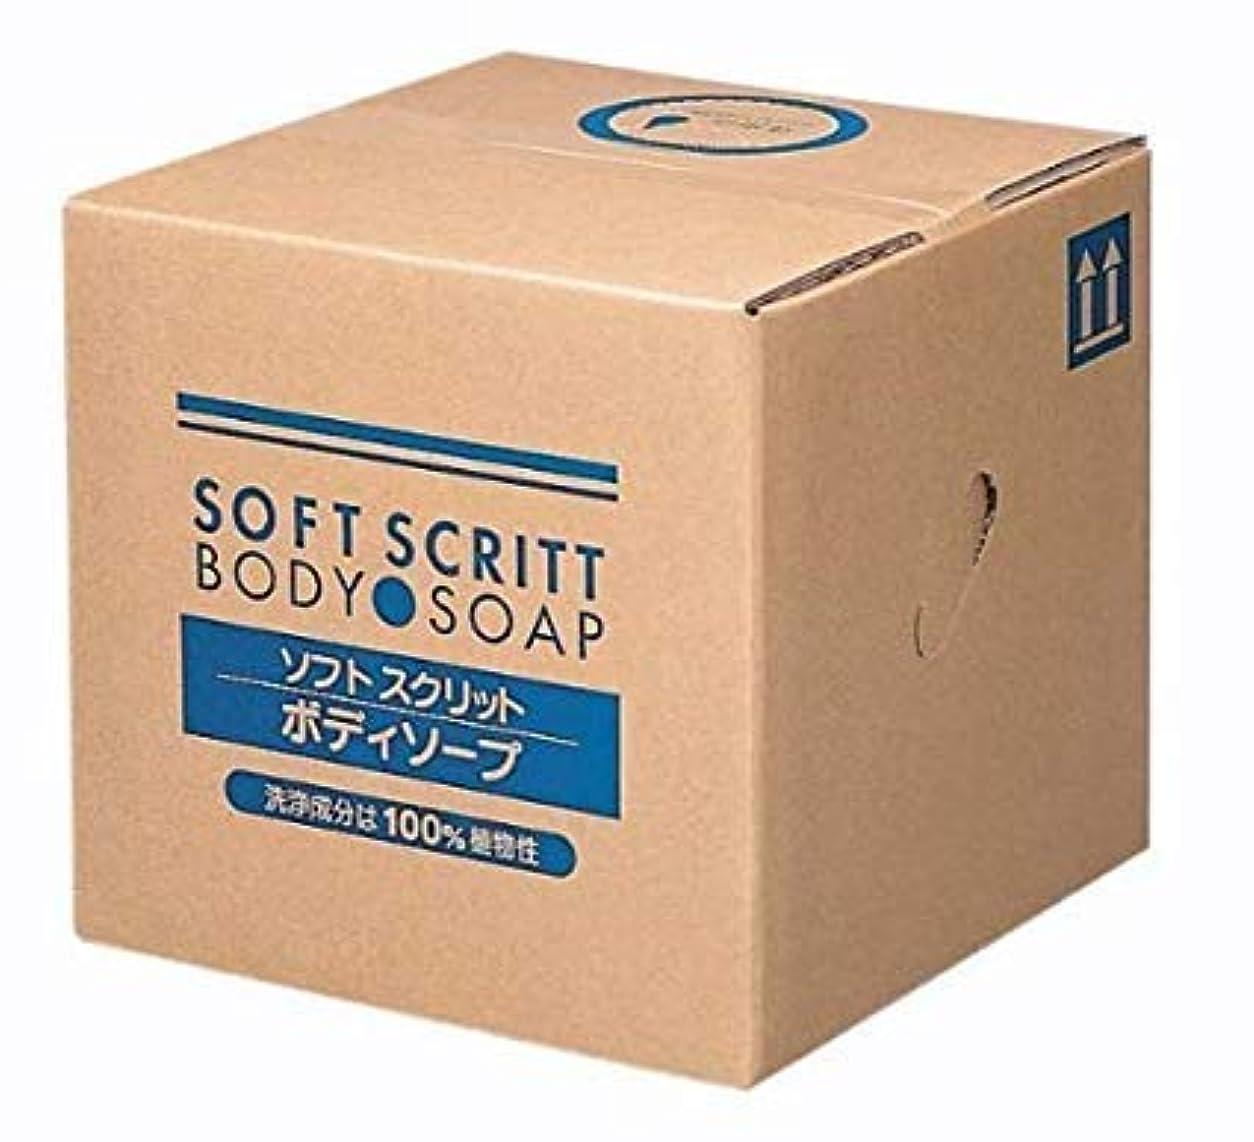 ピット塗抹スポーツマン業務用 SOFT SCRITT(ソフト スクリット) ボディソープ 18L 熊野油脂 コック無し